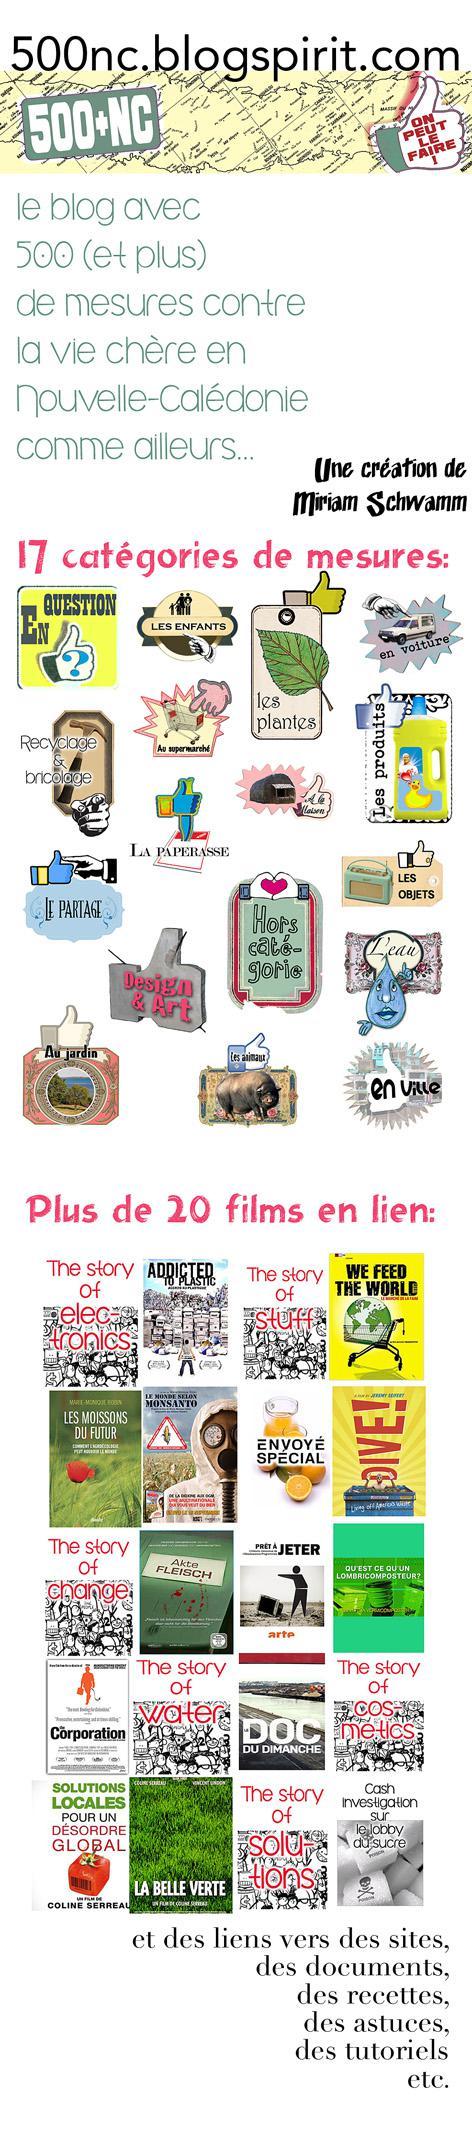 Le blog 500 + NC